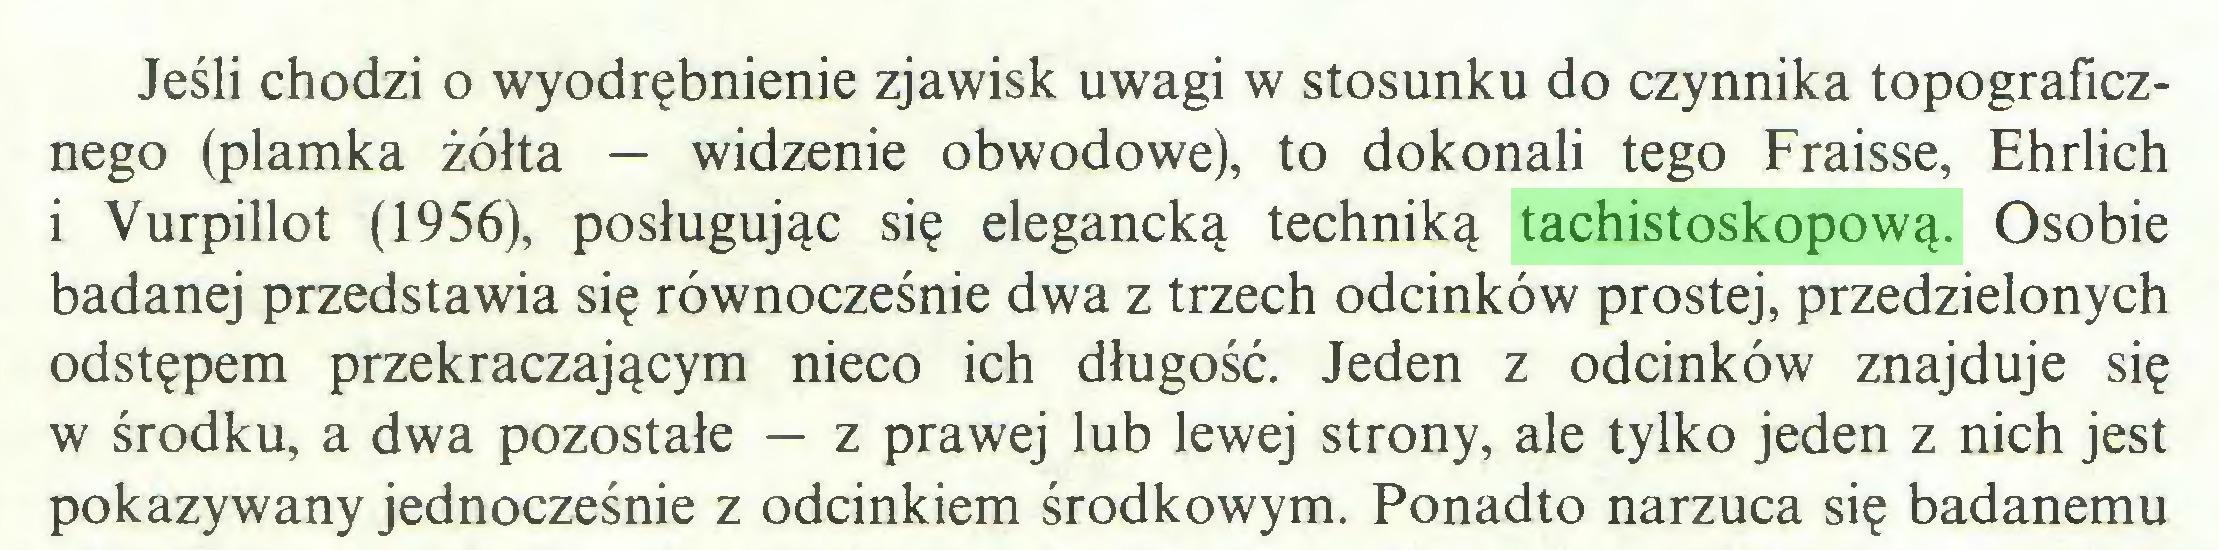 (...) Jeśli chodzi o wyodrębnienie zjawisk uwagi w stosunku do czynnika topograficznego (plamka żółta — widzenie obwodowe), to dokonali tego Fraisse, Ehrlich i Vurpillot (1956), posługując się elegancką techniką tachistoskopową. Osobie badanej przedstawia się równocześnie dwa z trzech odcinków prostej, przedzielonych odstępem przekraczającym nieco ich długość. Jeden z odcinków znajduje się w środku, a dwa pozostałe — z prawej lub lewej strony, ale tylko jeden z nich jest pokazywany jednocześnie z odcinkiem środkowym. Ponadto narzuca się badanemu...